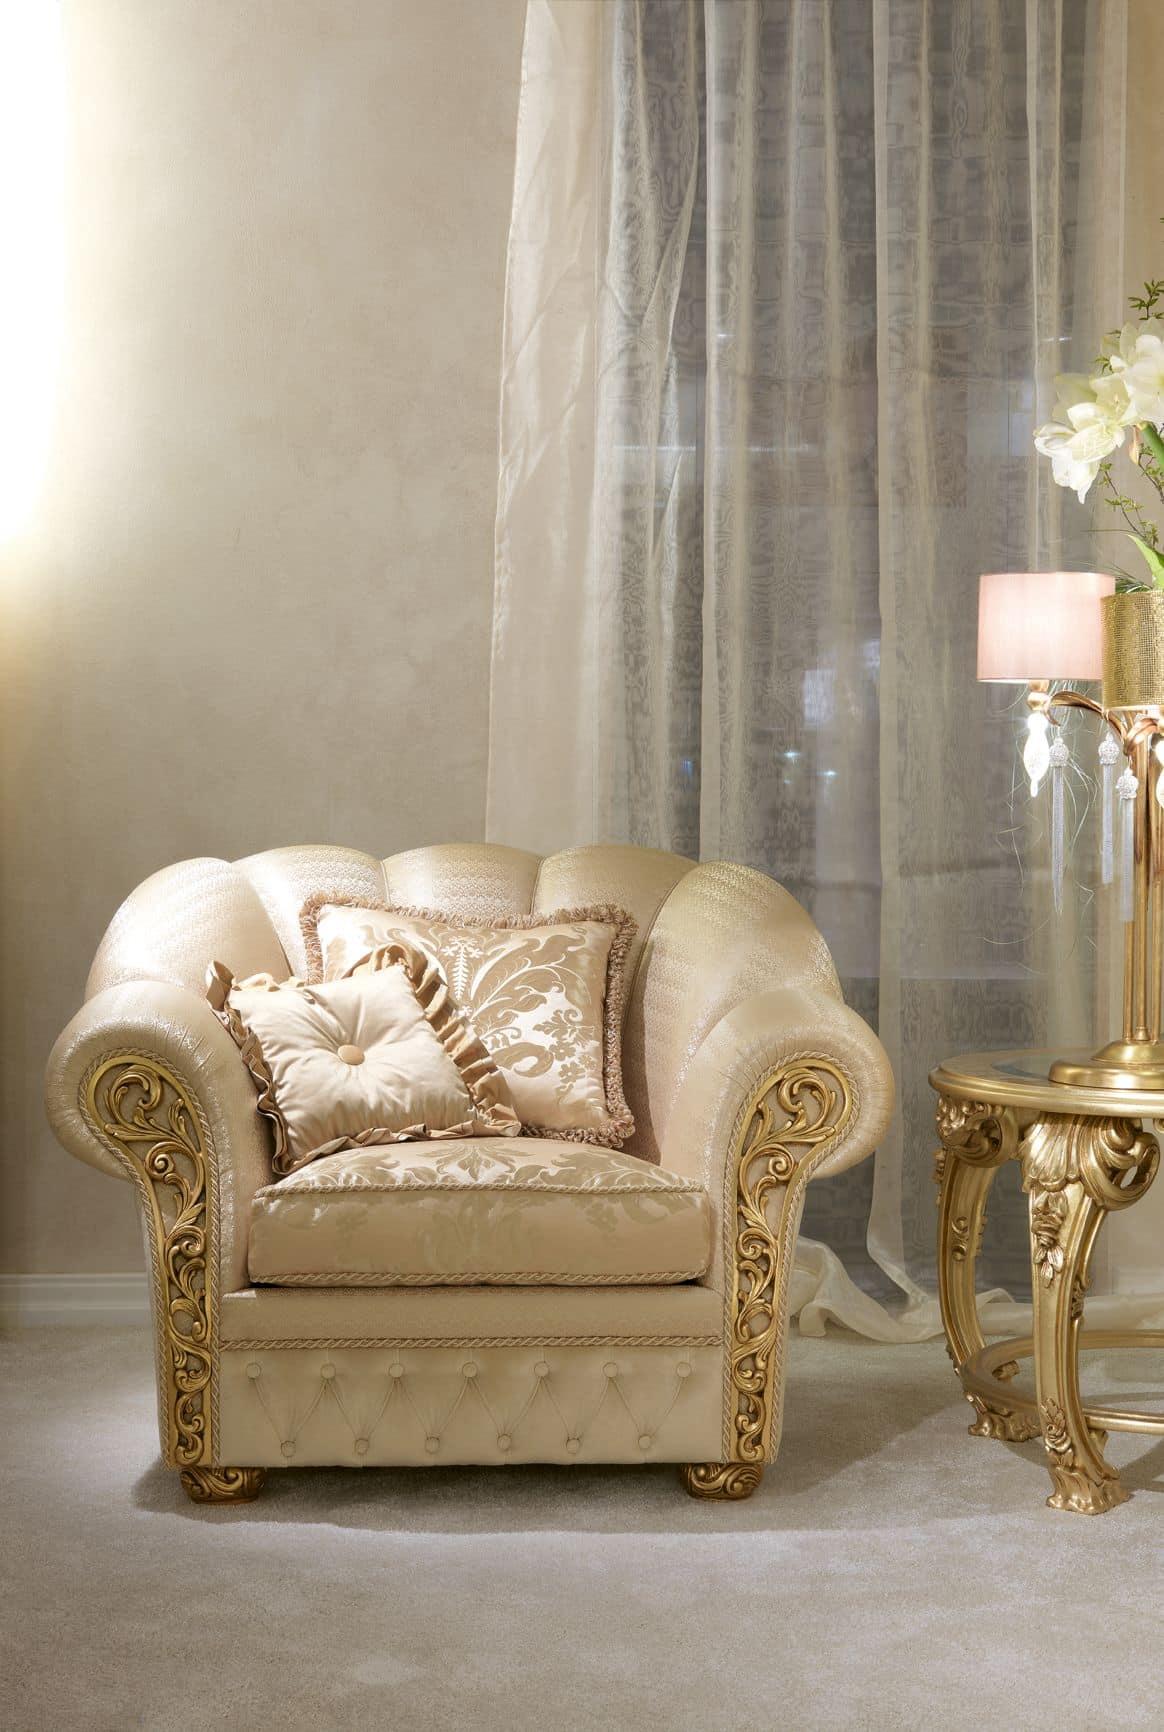 Althea Ring, 2 -Sitzer-Sofa für klassische Wohnräume geeignet